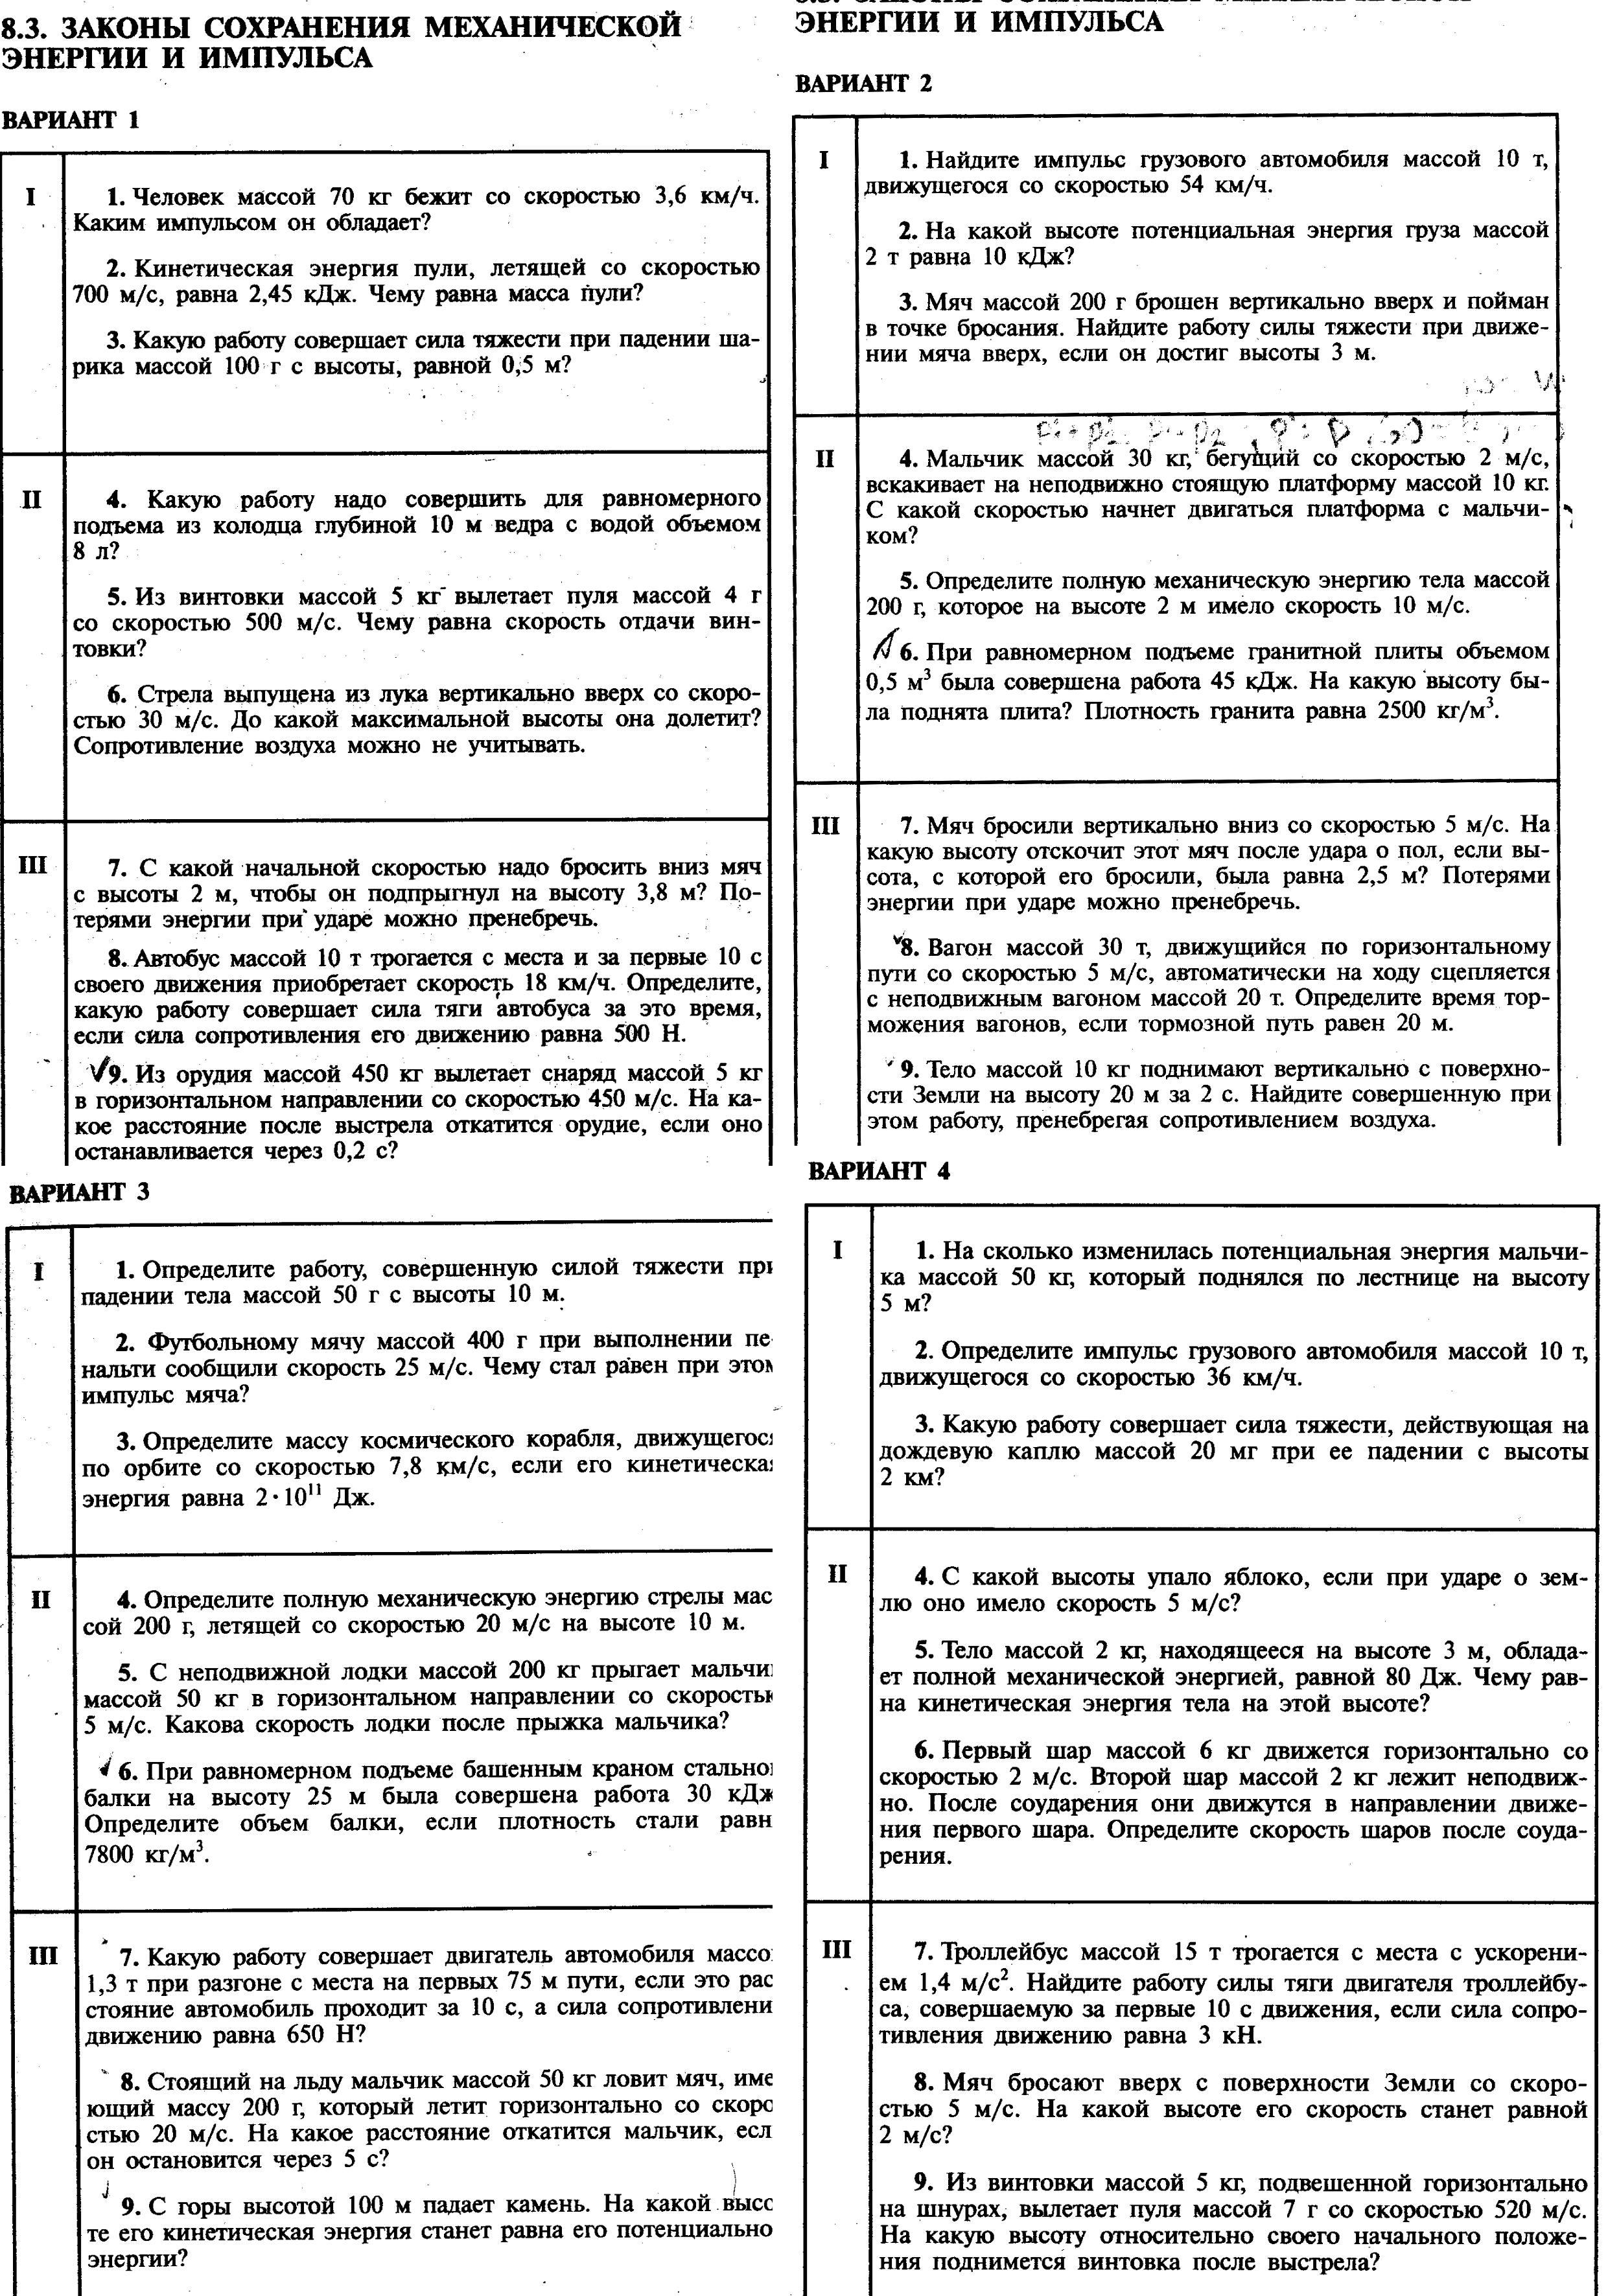 класс физике тест8 гдз импульса 10 по закон сохранения